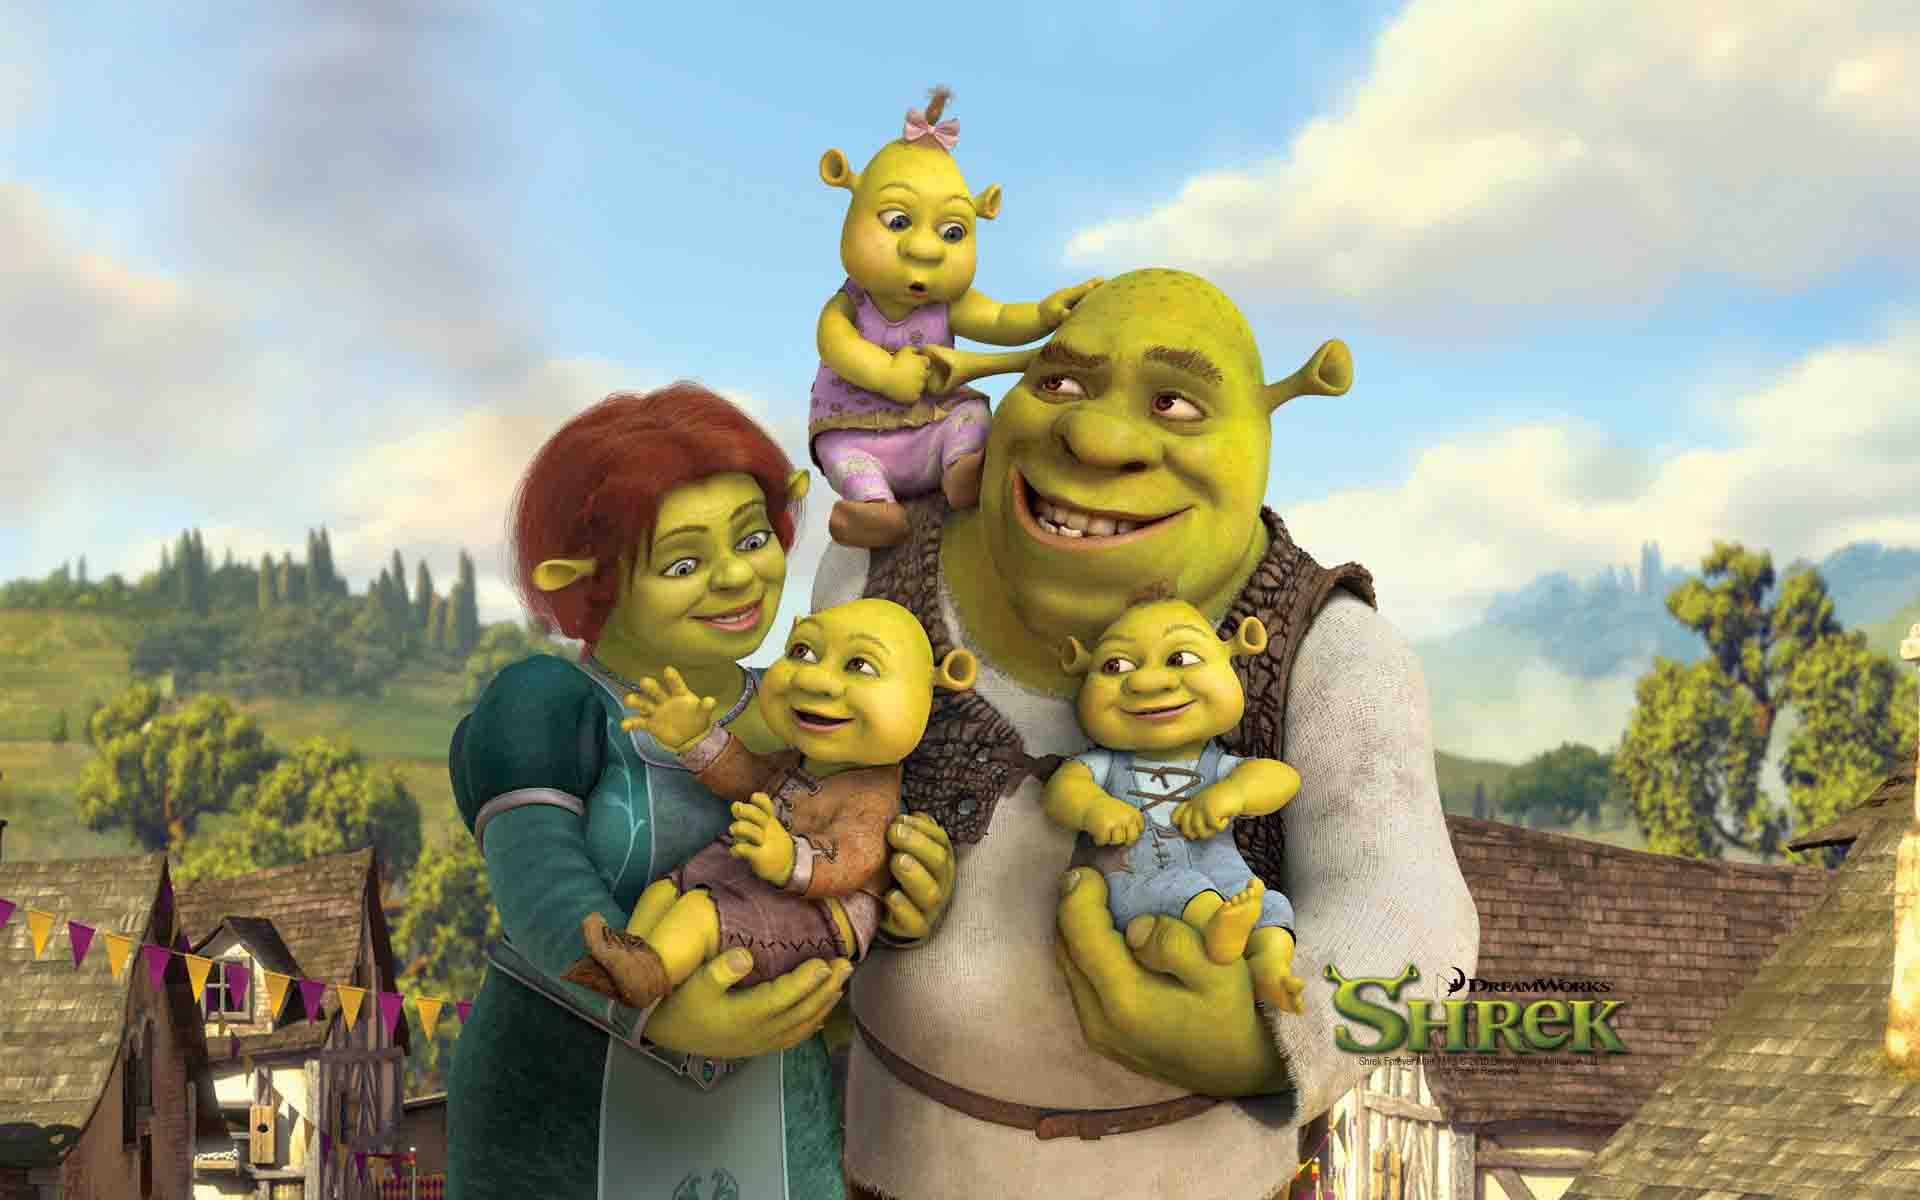 Cartoon Shrek 5 2019 48